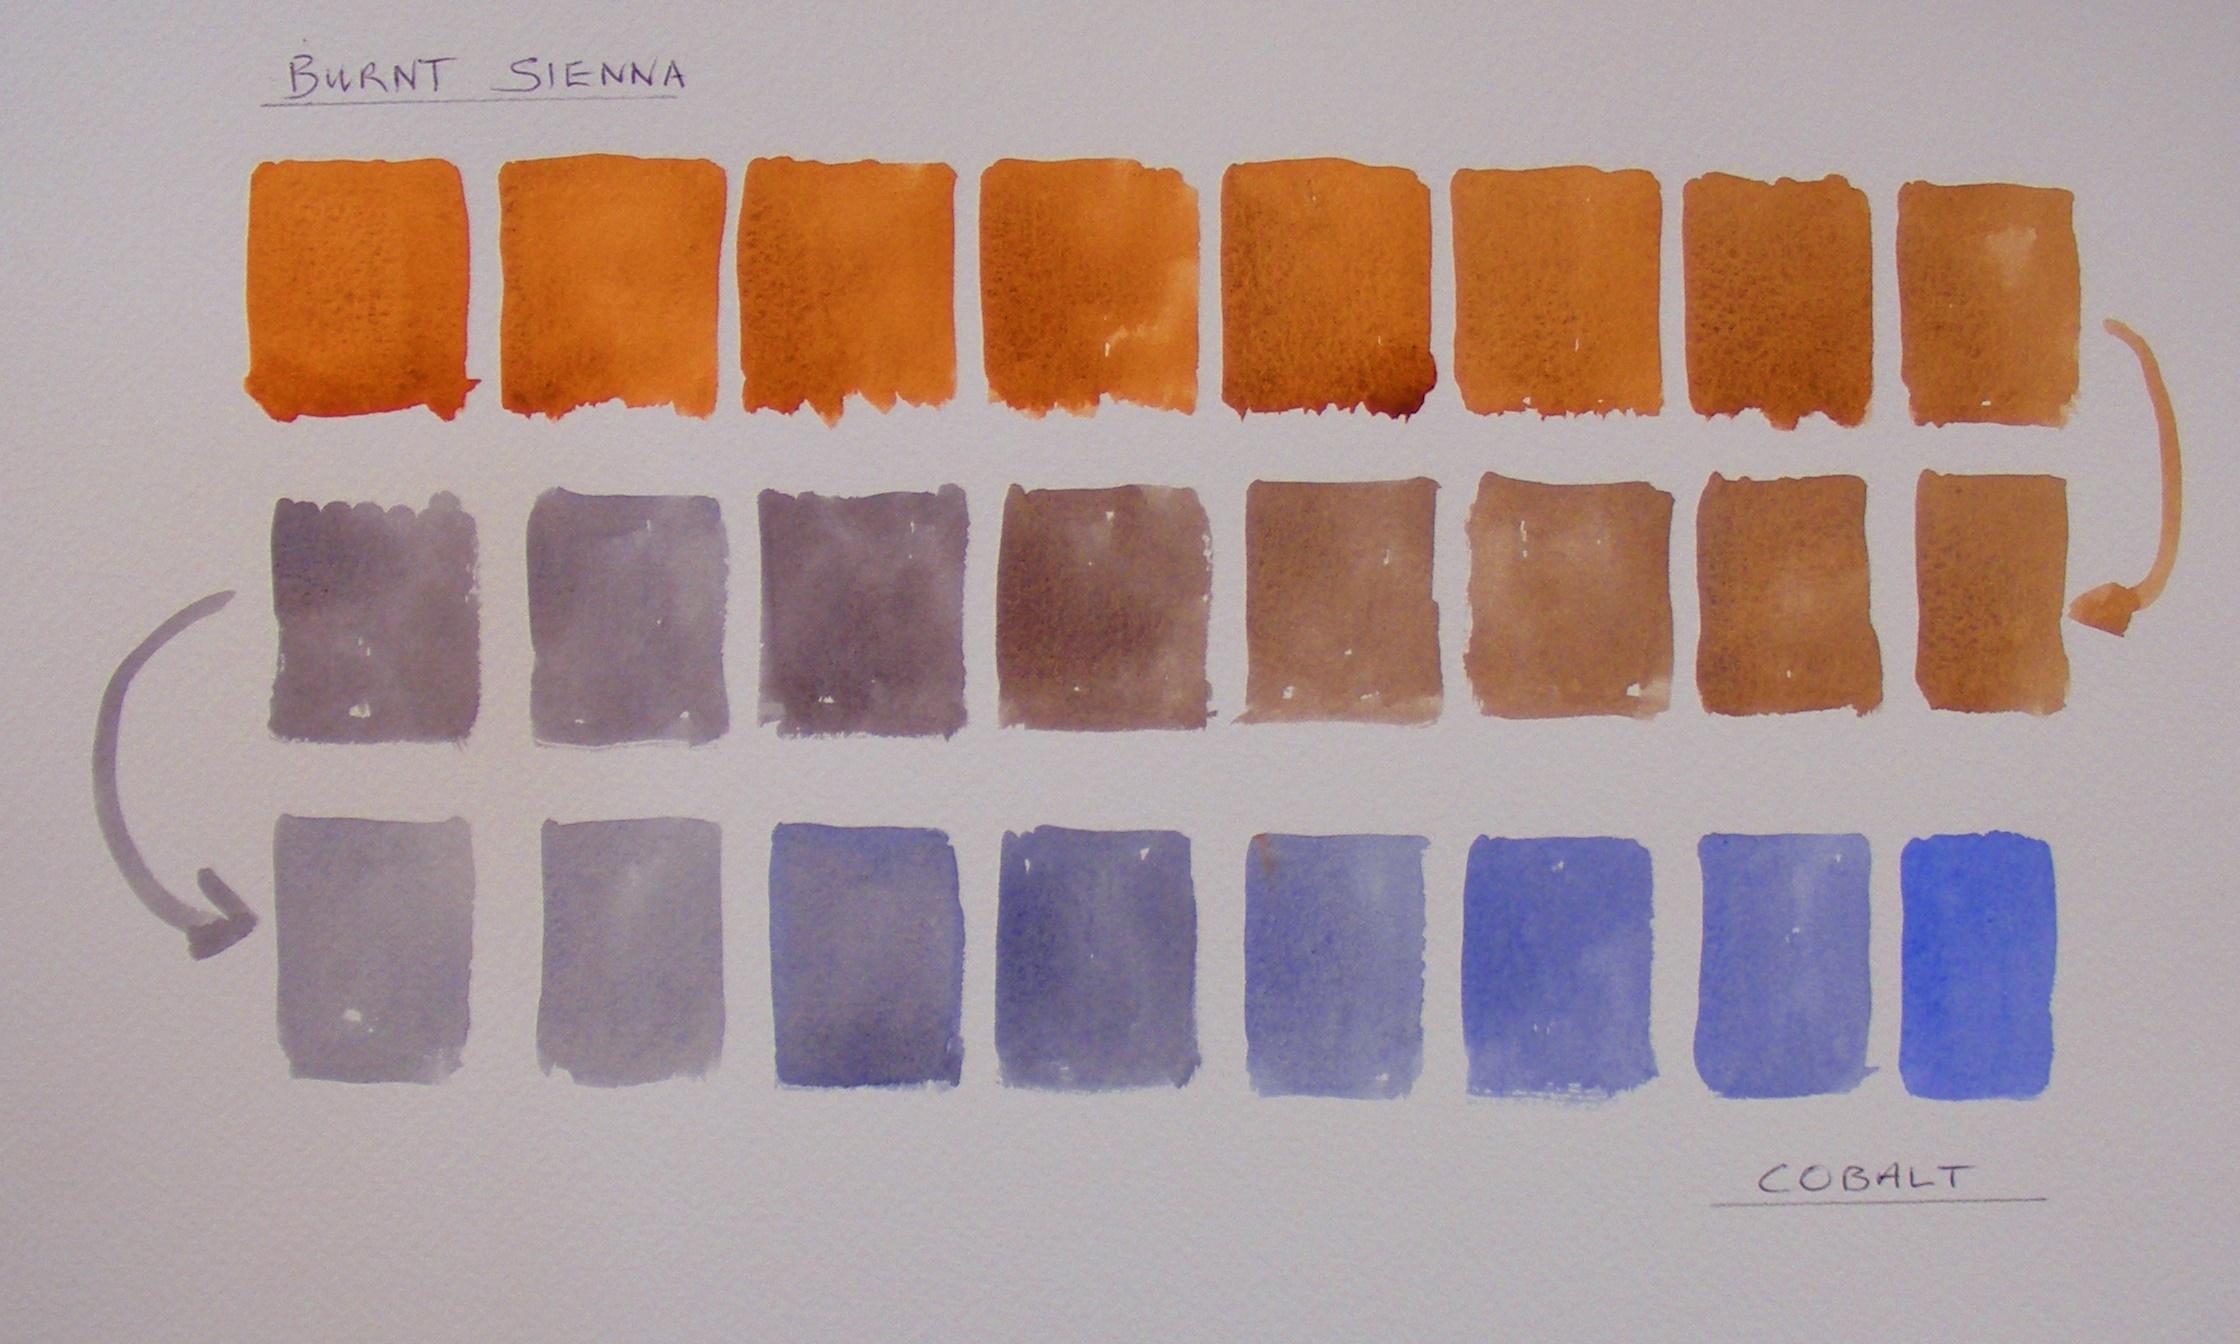 Set 1 - Burnt Sienna to Cobalt.JPG